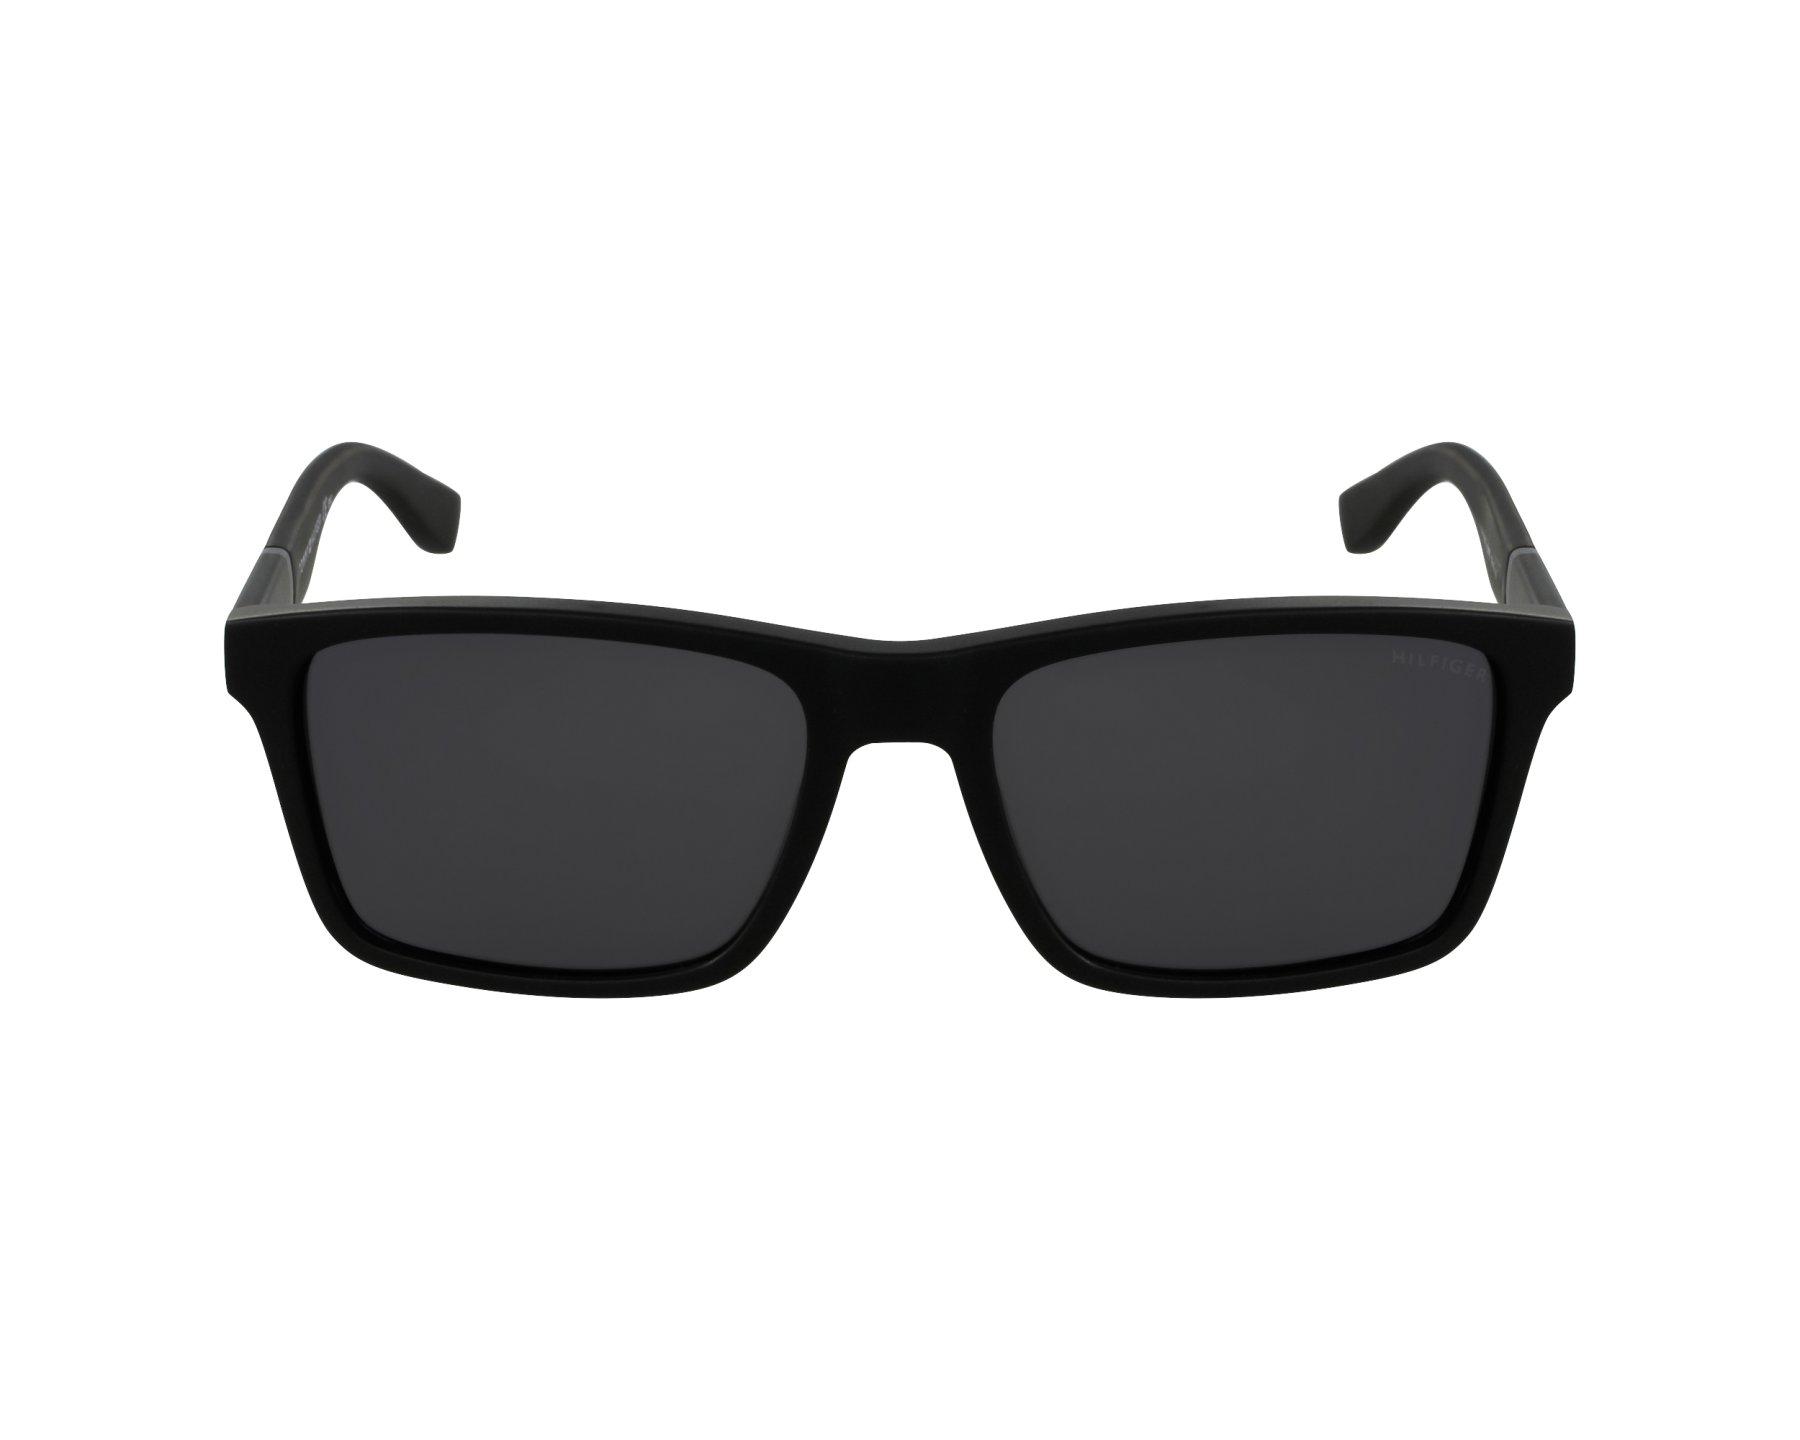 Tommy Hilfiger 1405/S Sonnenbrille Mattschwarz KUN 56mm IULzDsa